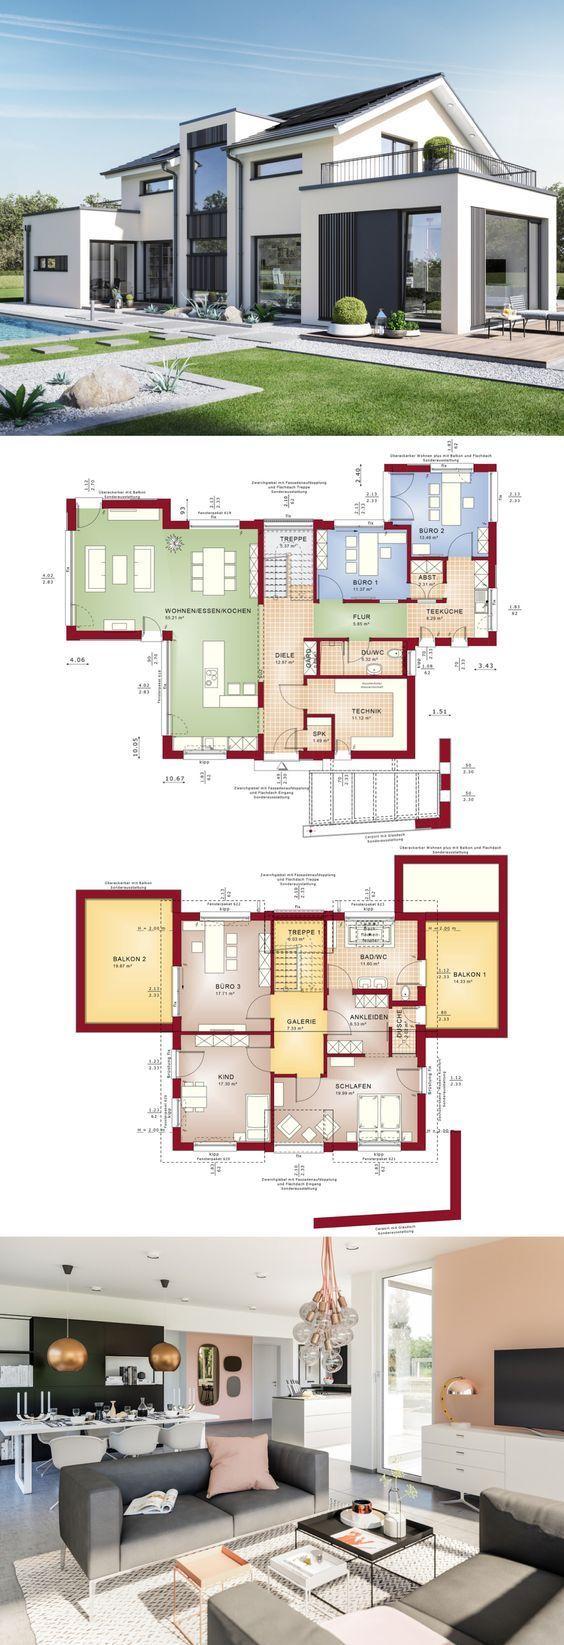 Modernes Design – Haus Concept M 154 Bien Zenker -…